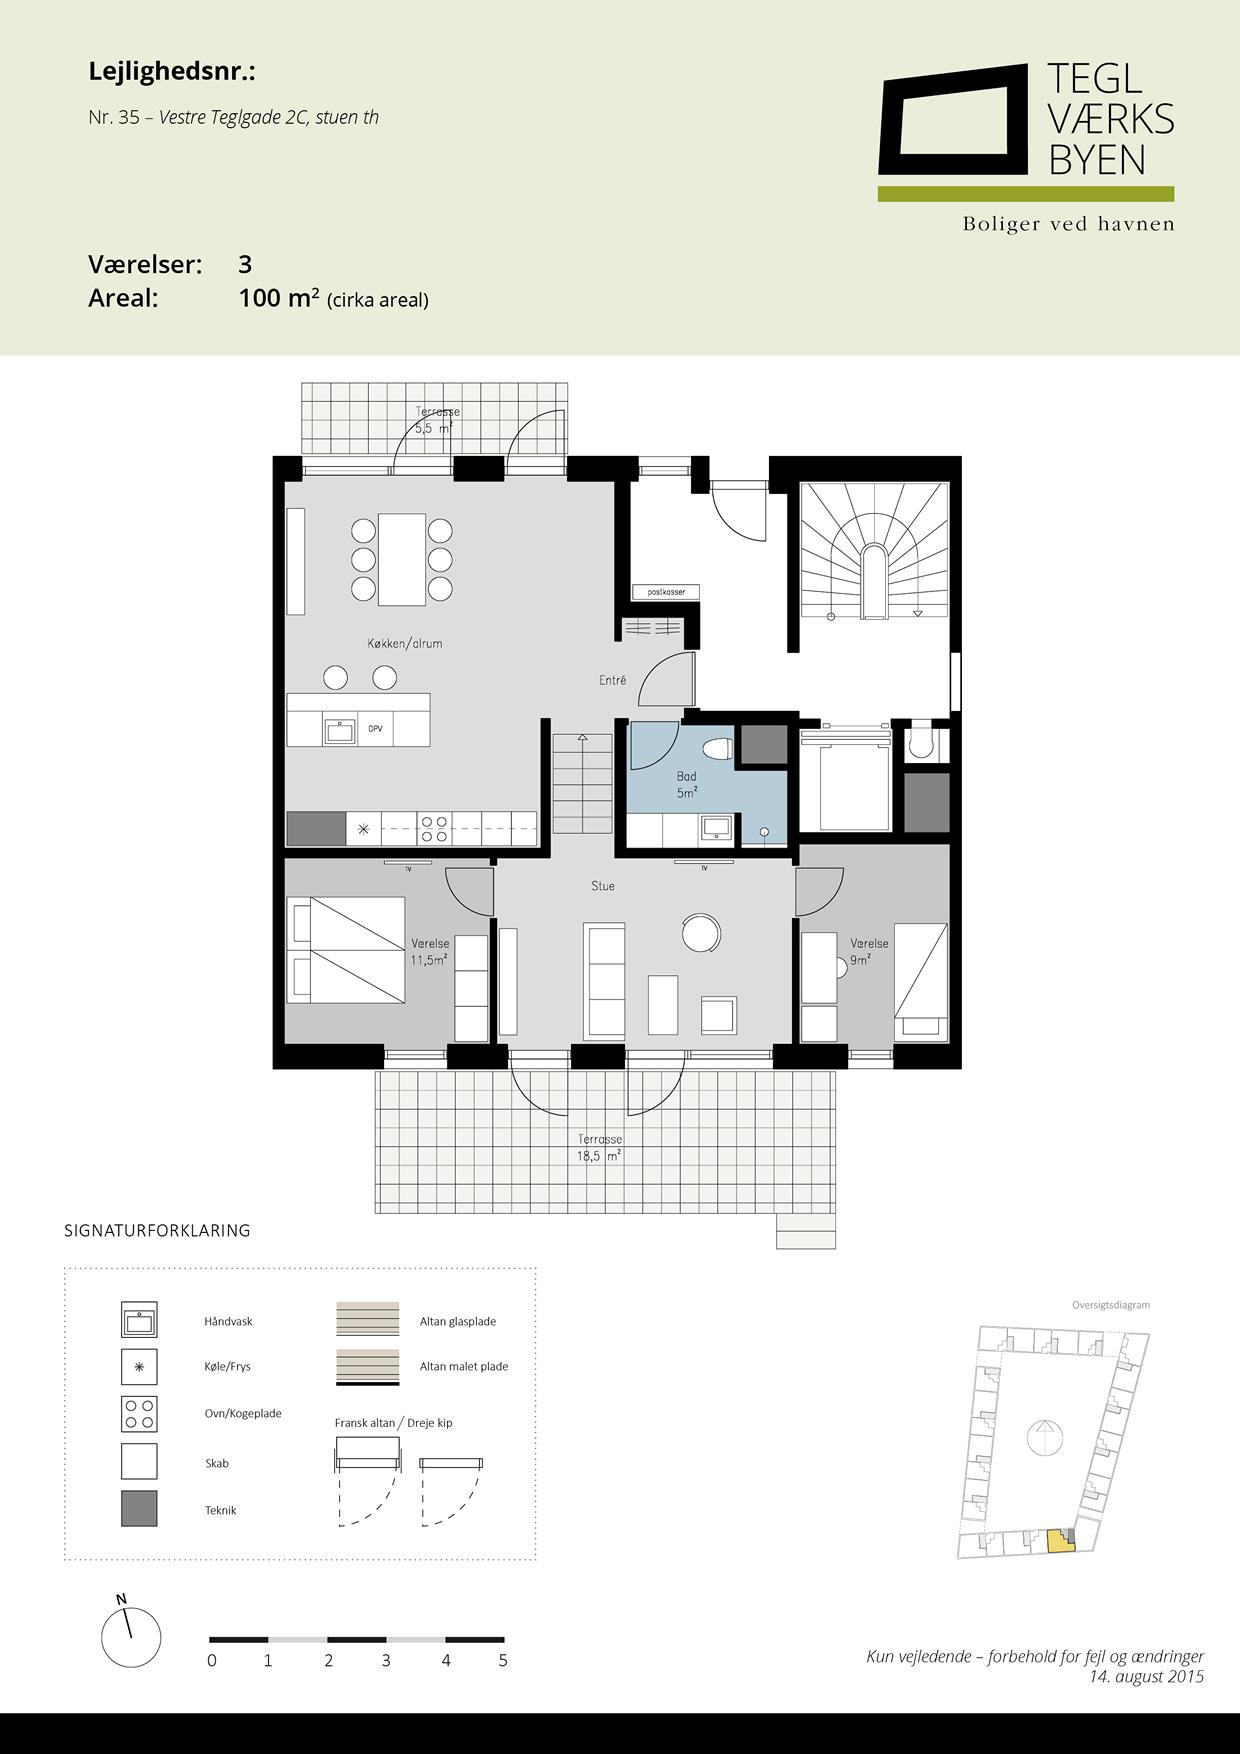 Teglvaerksbyen_35_plan